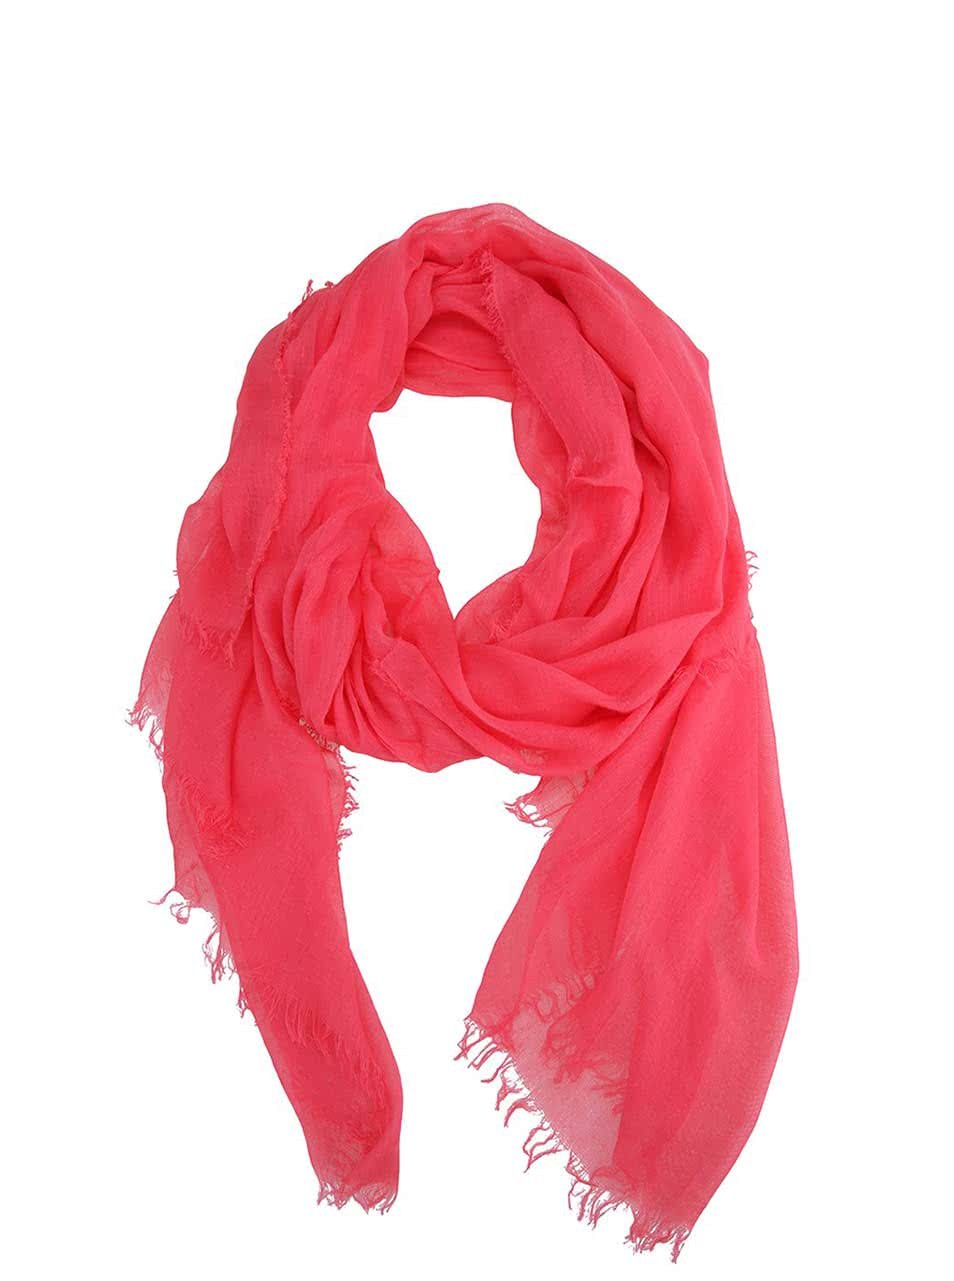 Malinově růžový šátek INVUU London 9f455e2846